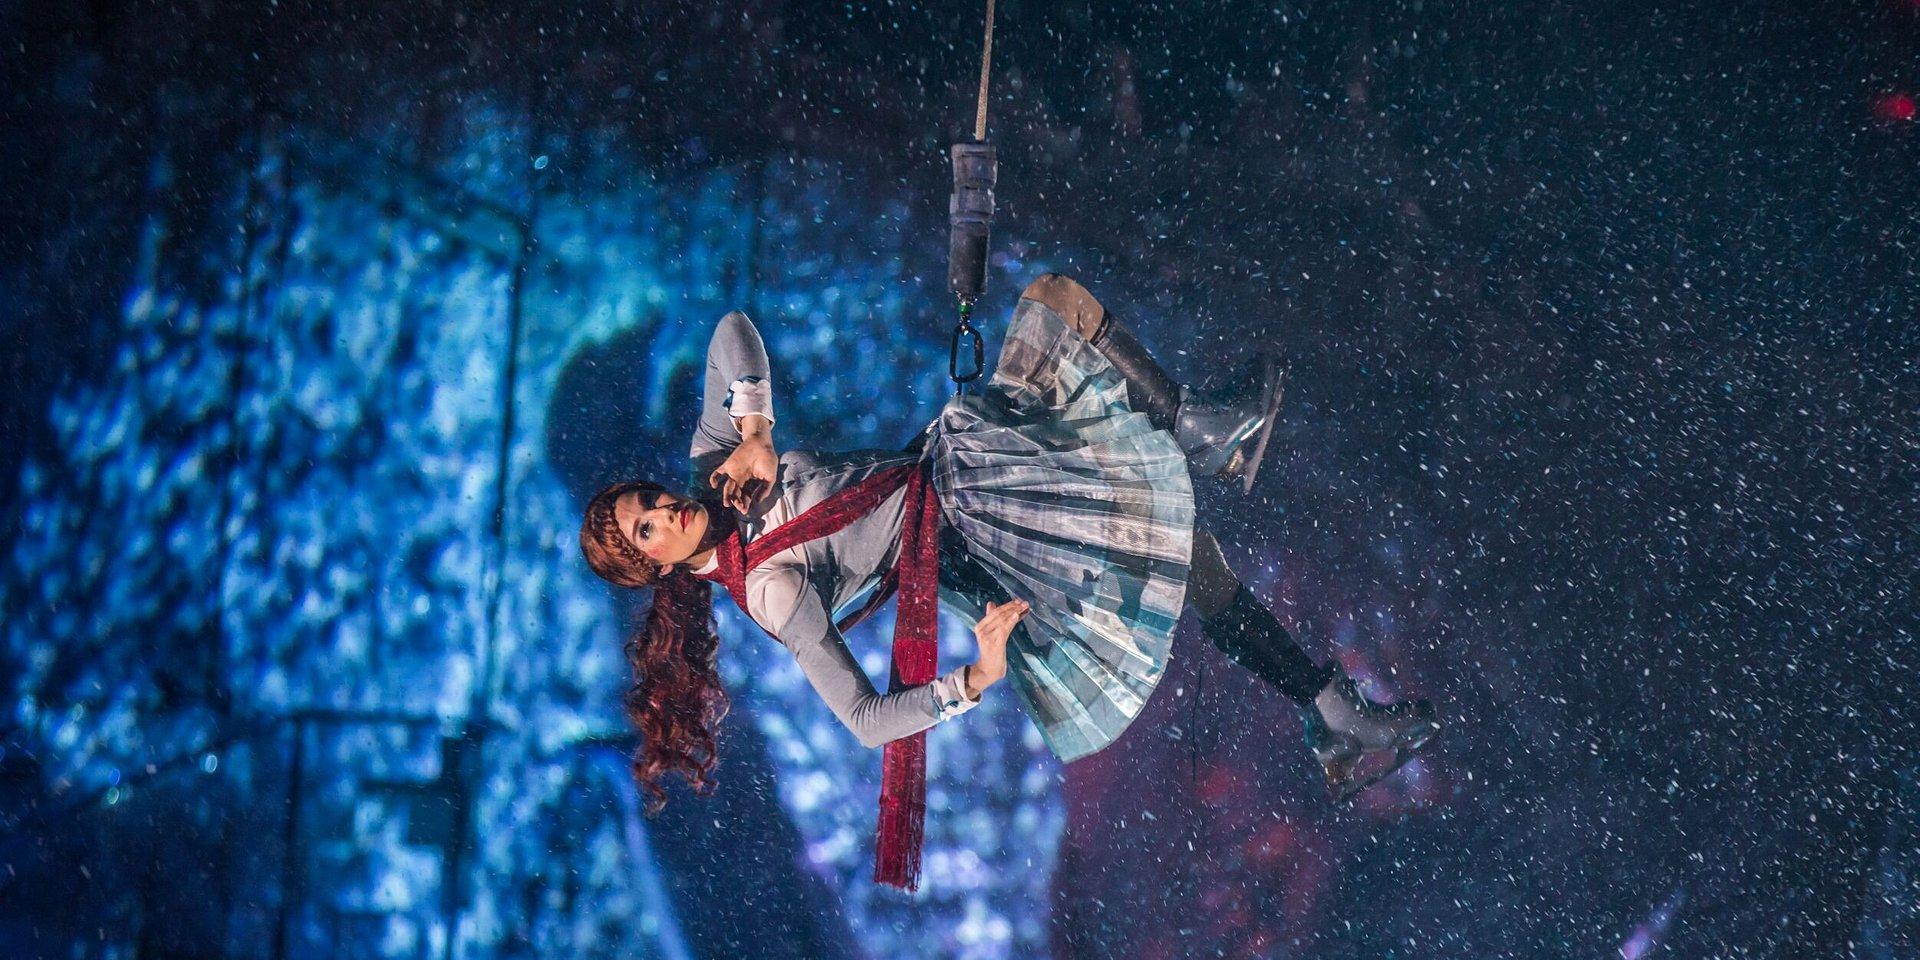 CRYSTAL de Cirque du Soleil llega a Monterrey, Guadalajara y Ciudad de México